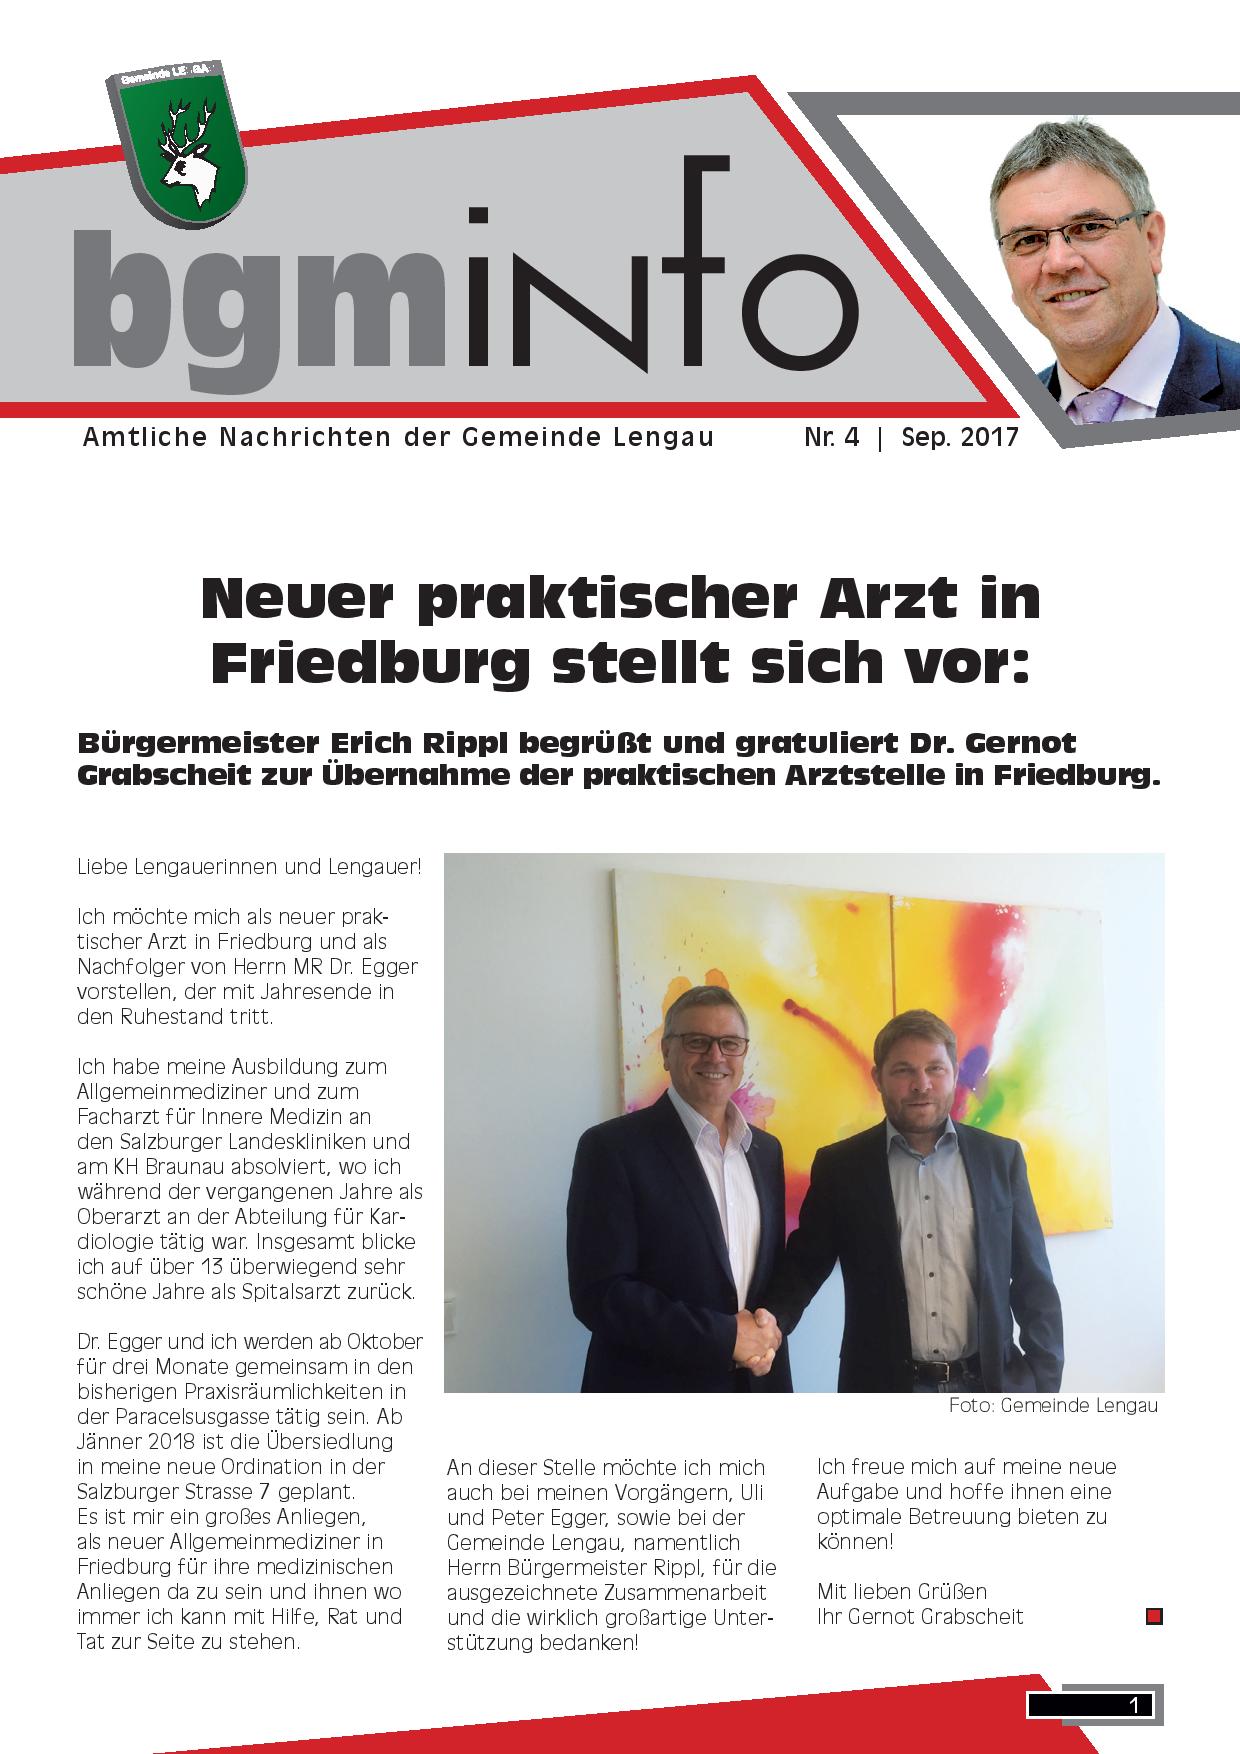 Obersterreich - Zentrum - Bildung - Gemeinde Lengau